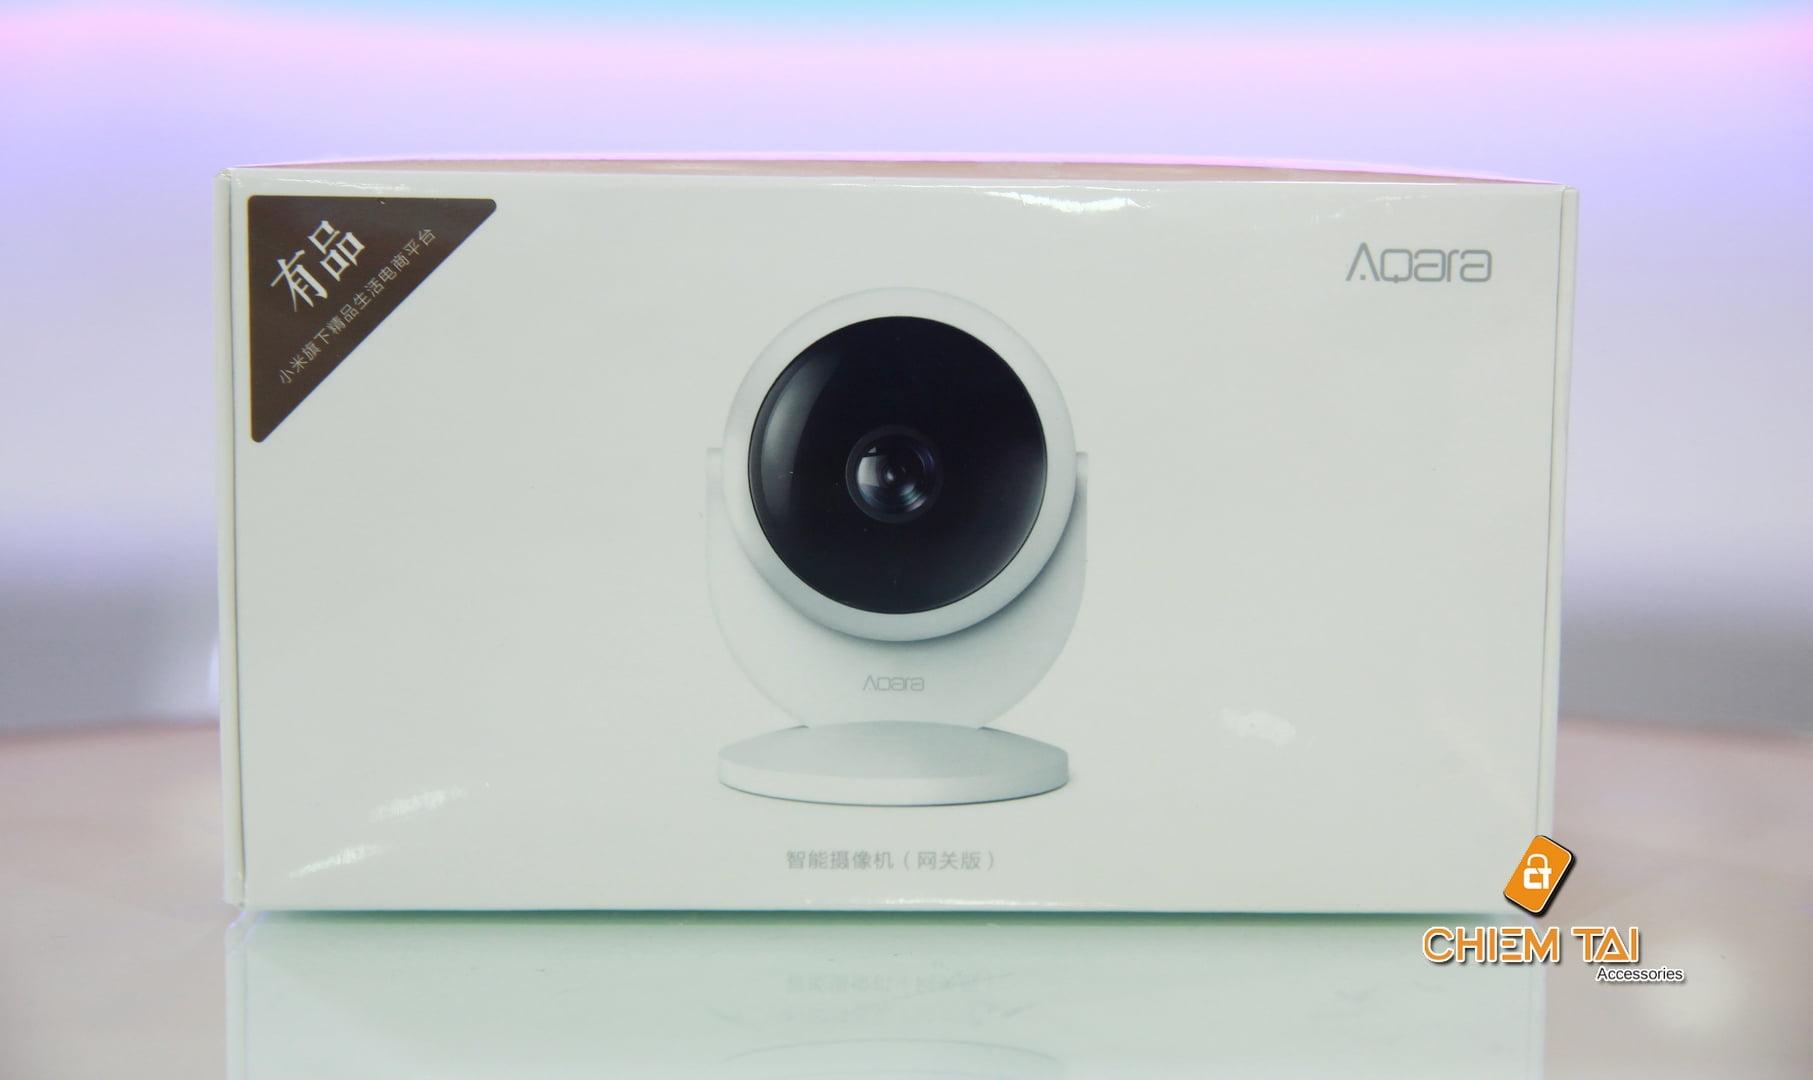 camera ip giam sat aqara full hd 1080p cuc trung tam homekit 6007d3de65e71